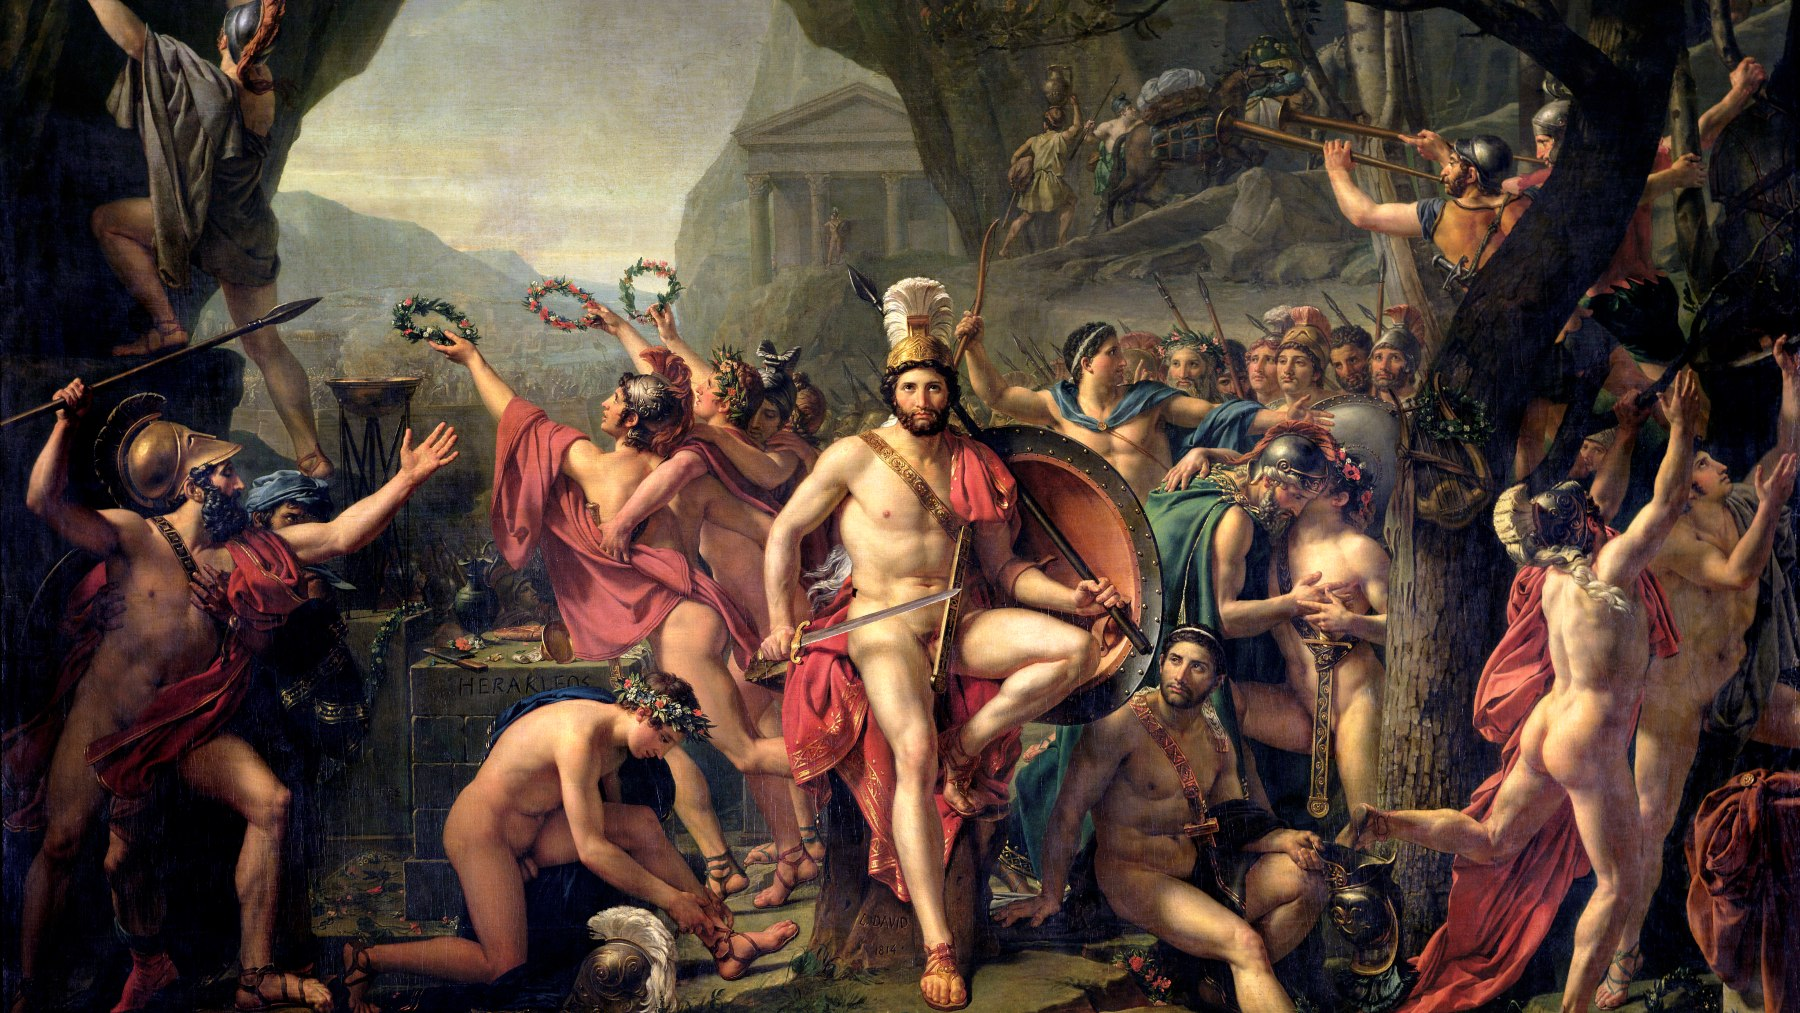 Cuadro 'Leonidas en las Termópilas' de Jacques-Louis David